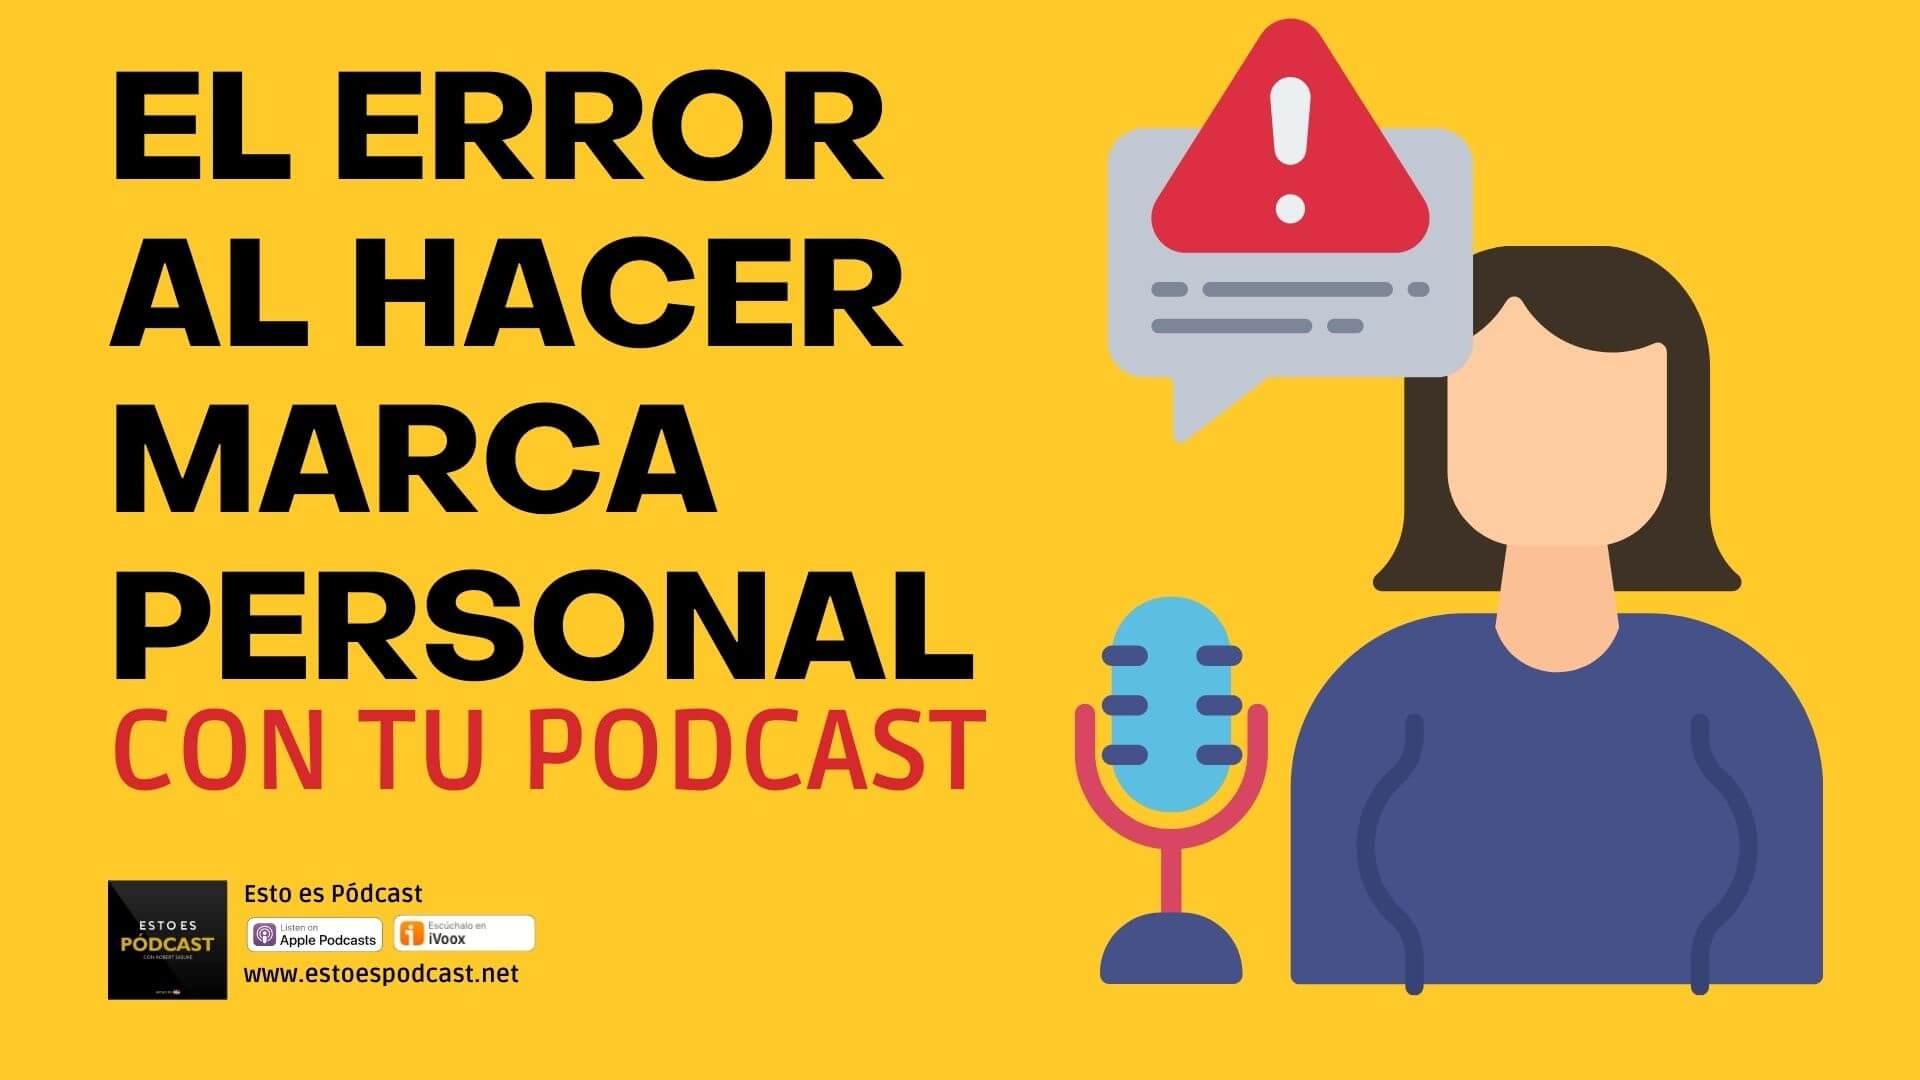 110. El Error al hacer Marca Personal con tu Podcast